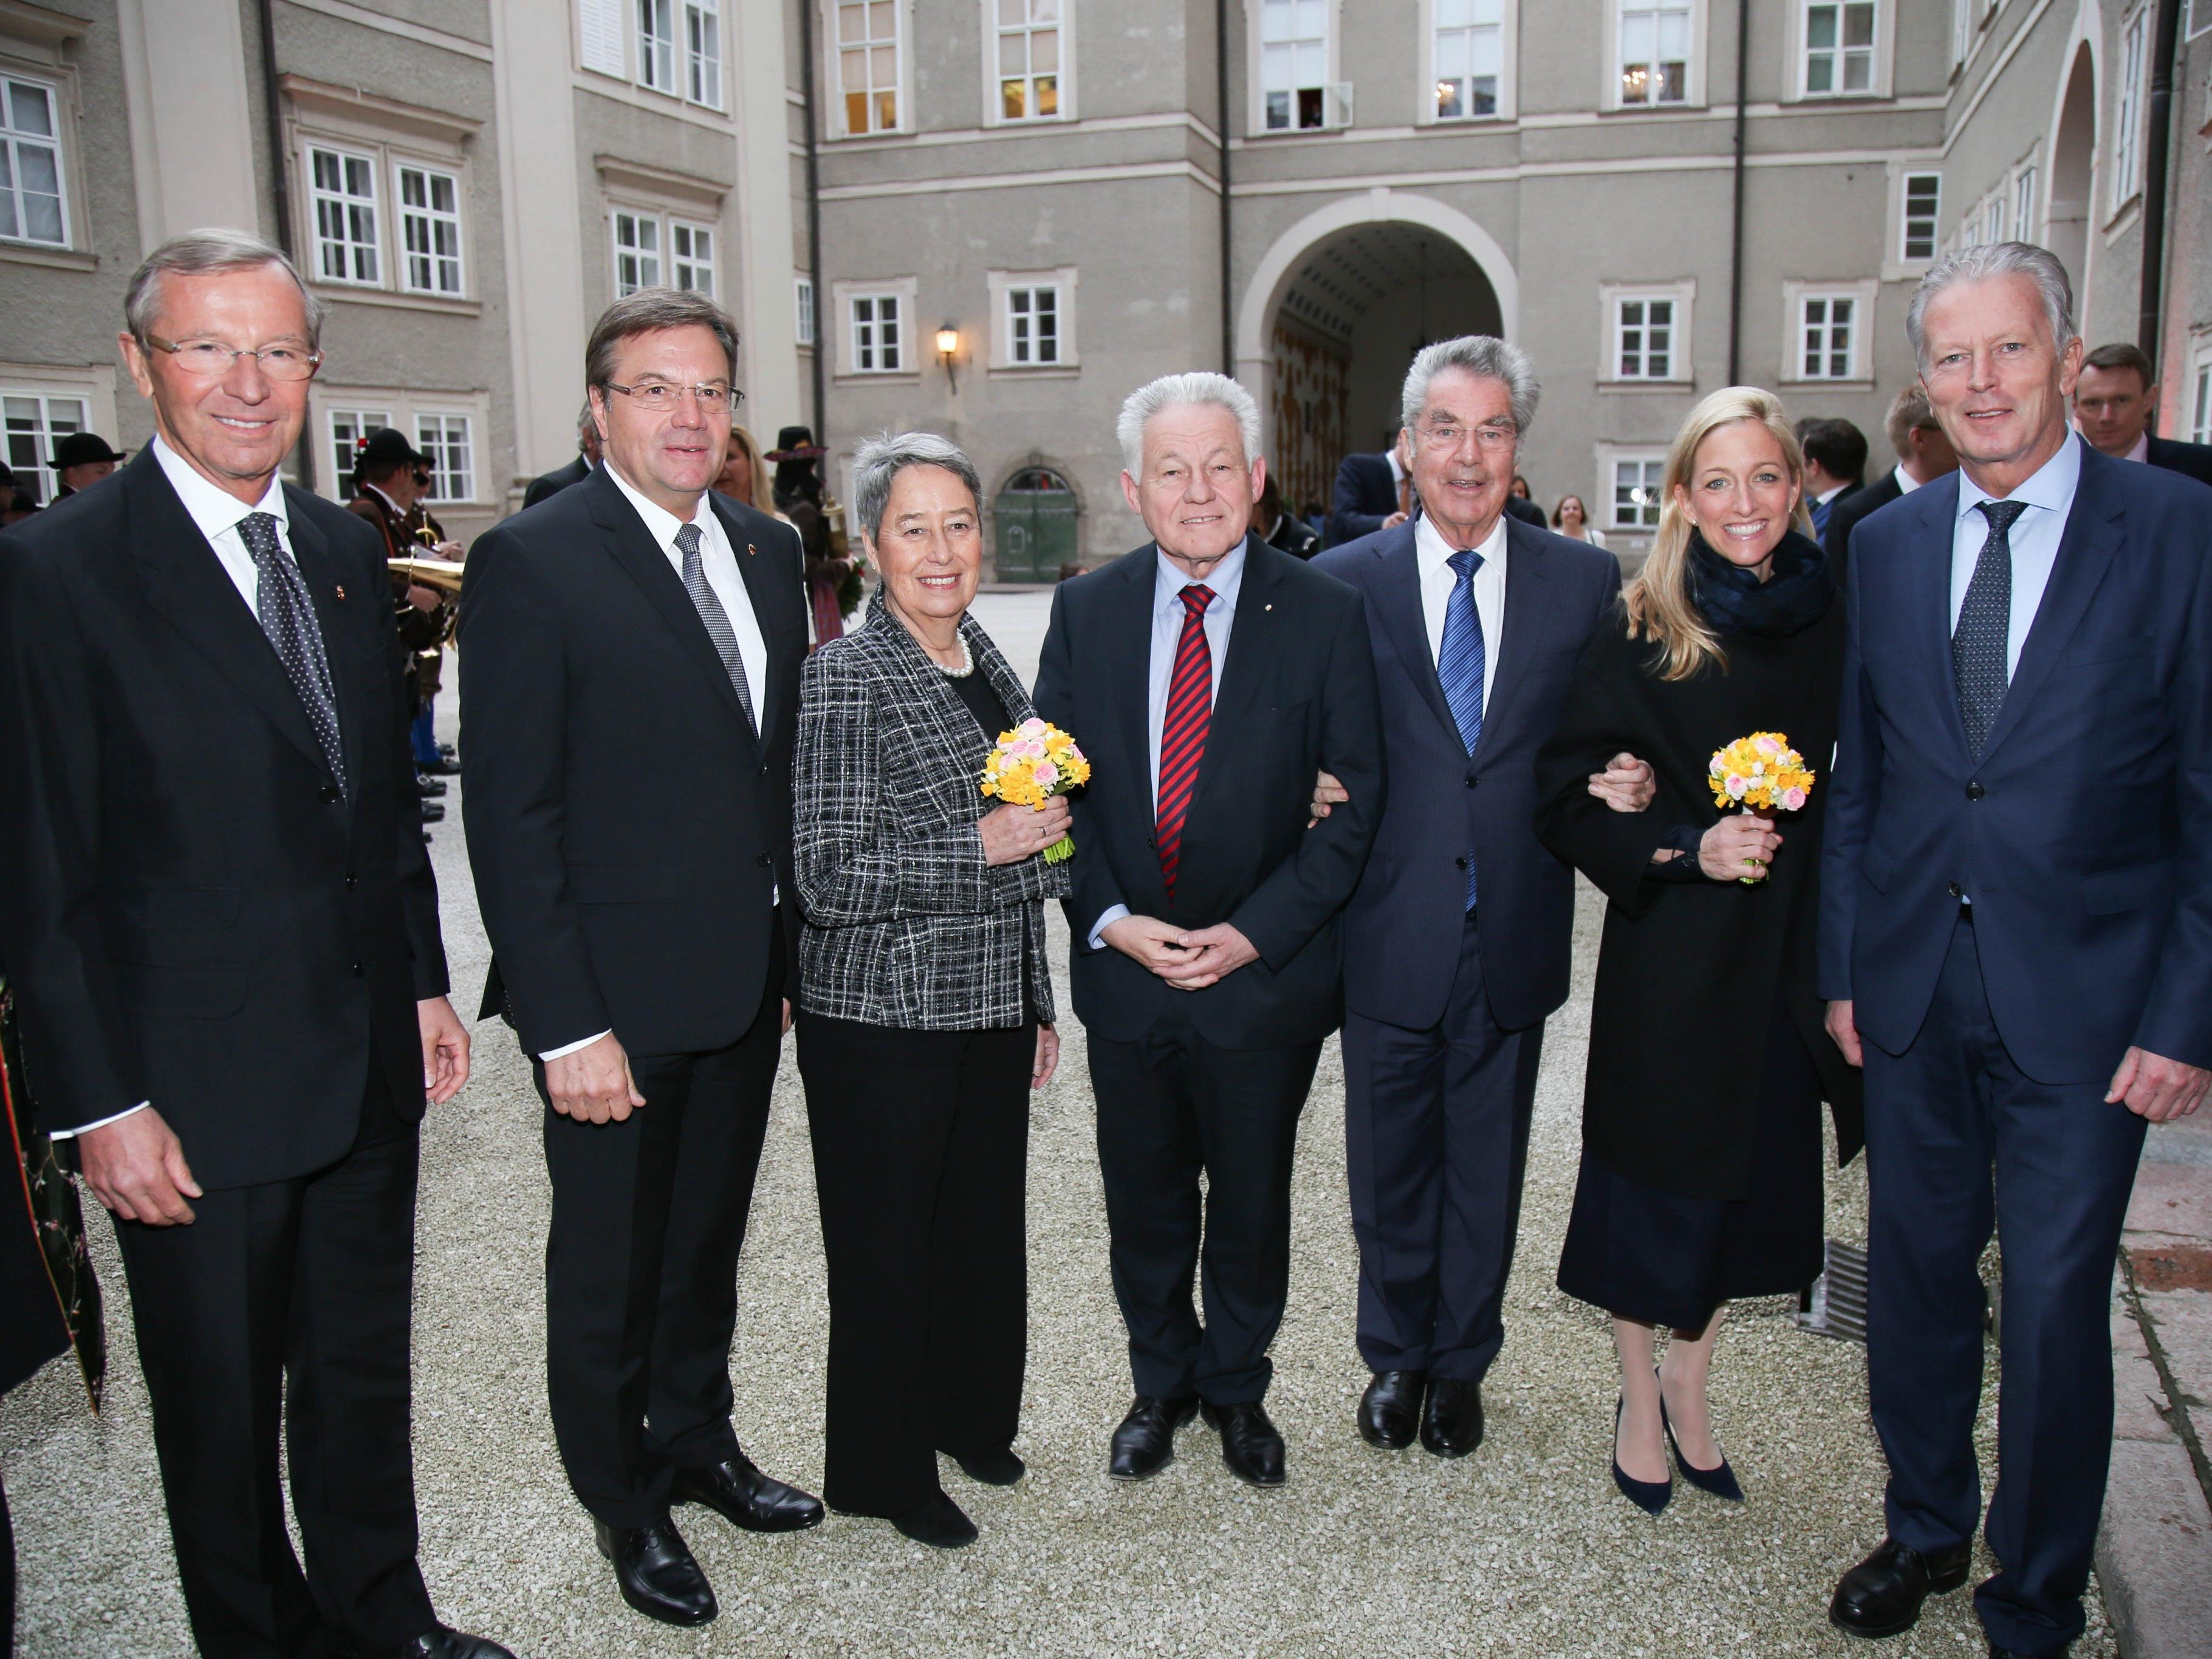 Feierlicher Festakt zu 200 Jahre Salzburg in Österreich.